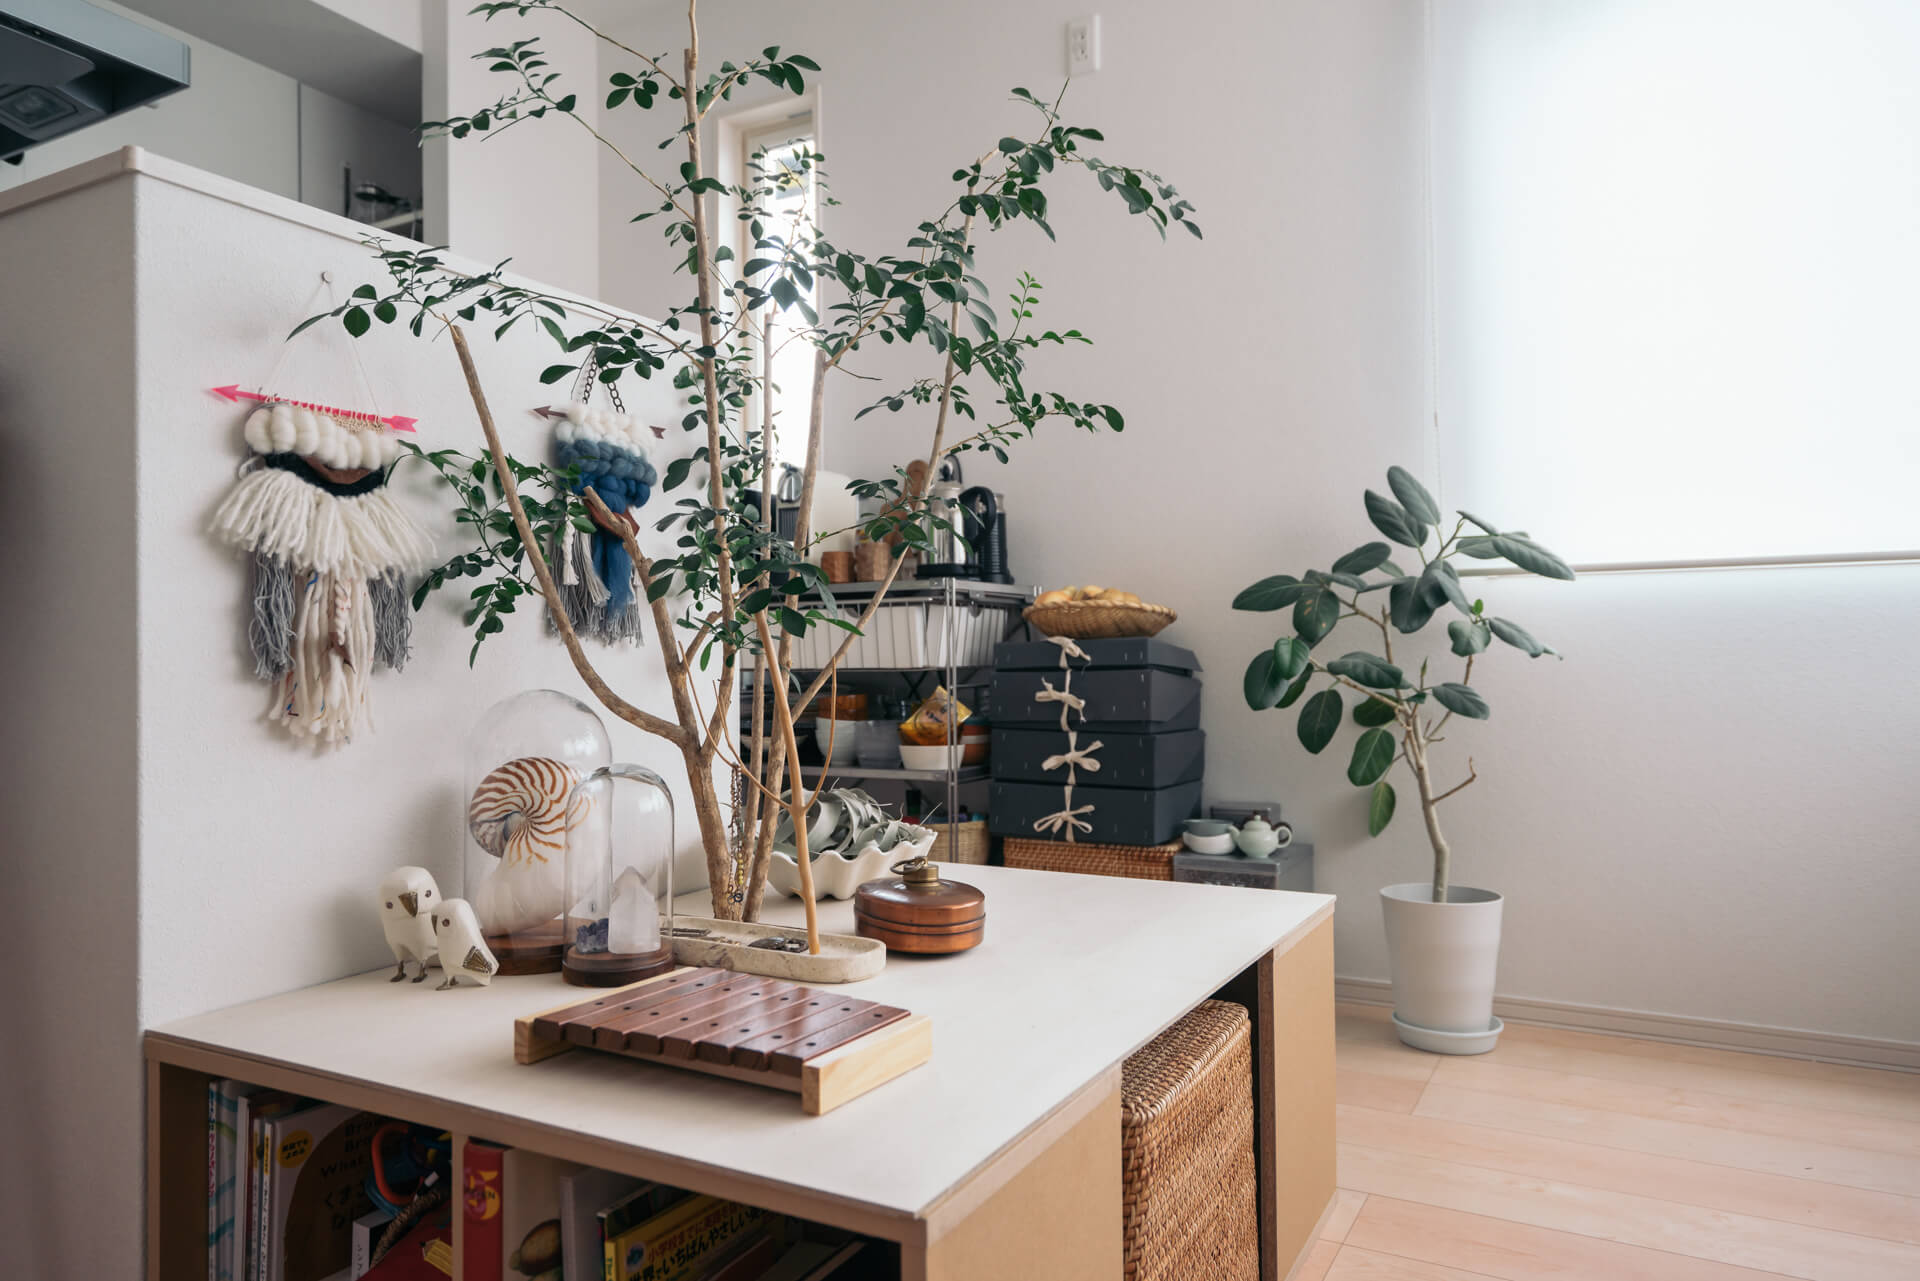 シルクジャスミンの樹は、Katsuraさんのお部屋のシンボル。